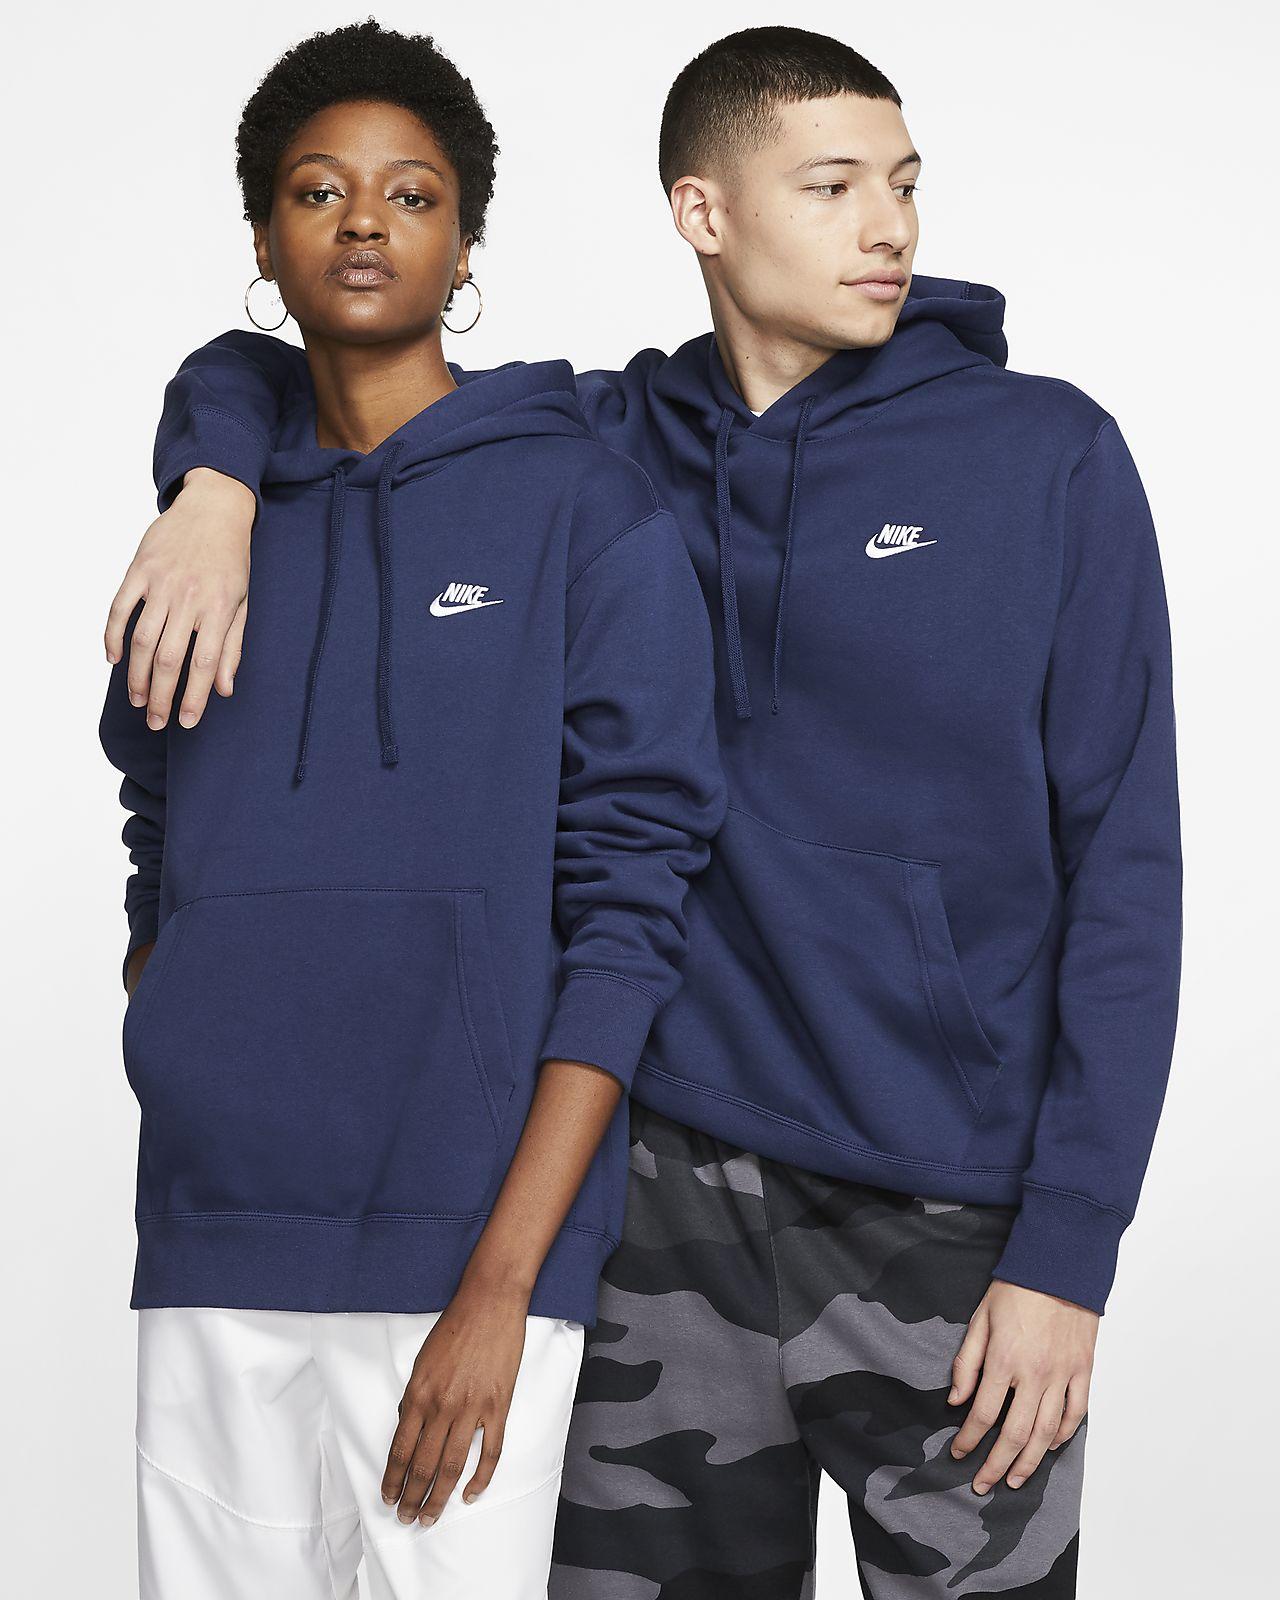 9b9eecdd0 Nike Sportswear Club Fleece Pullover Hoodie. Nike.com SE